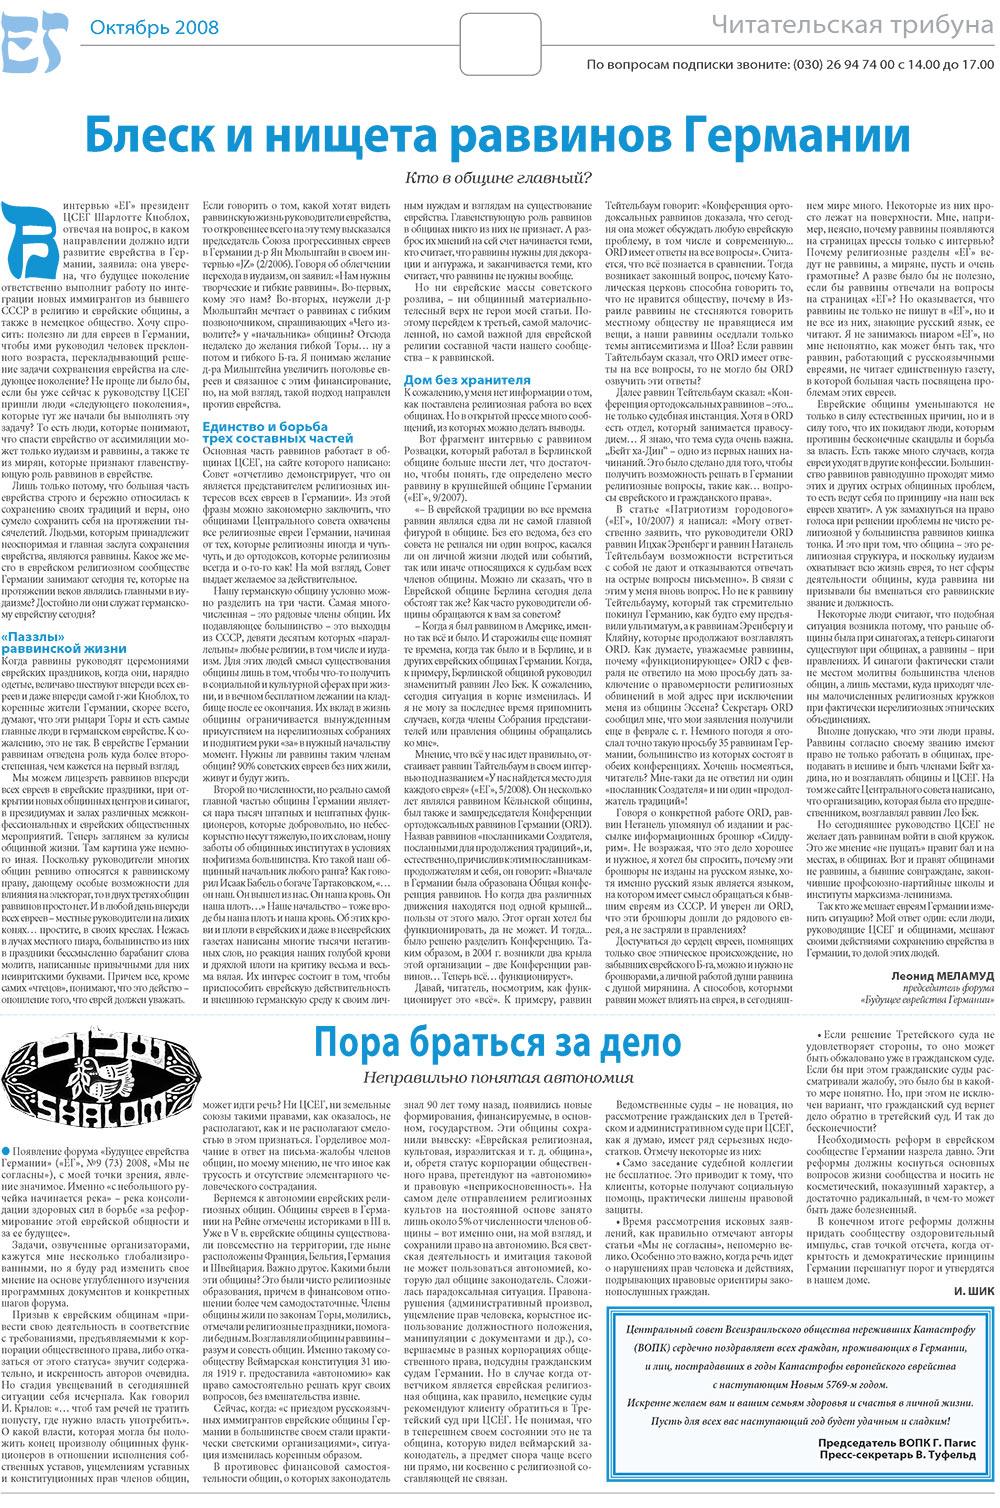 Еврейская газета (газета). 2008 год, номер 10, стр. 9